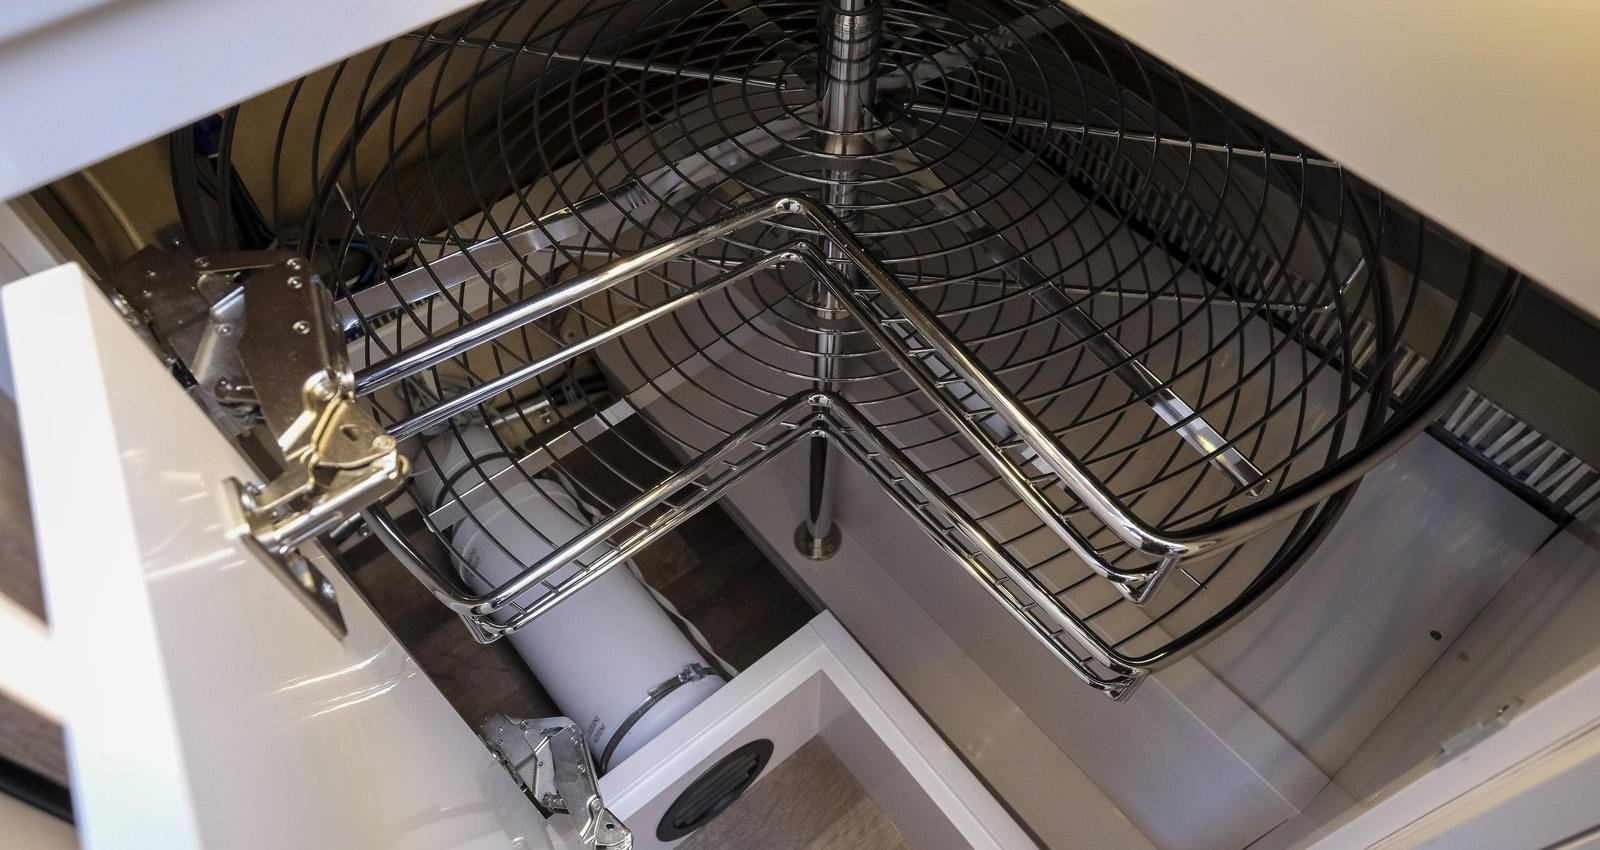 Utsvängbara hyllor i hörnskåpet ger bra förvaring.